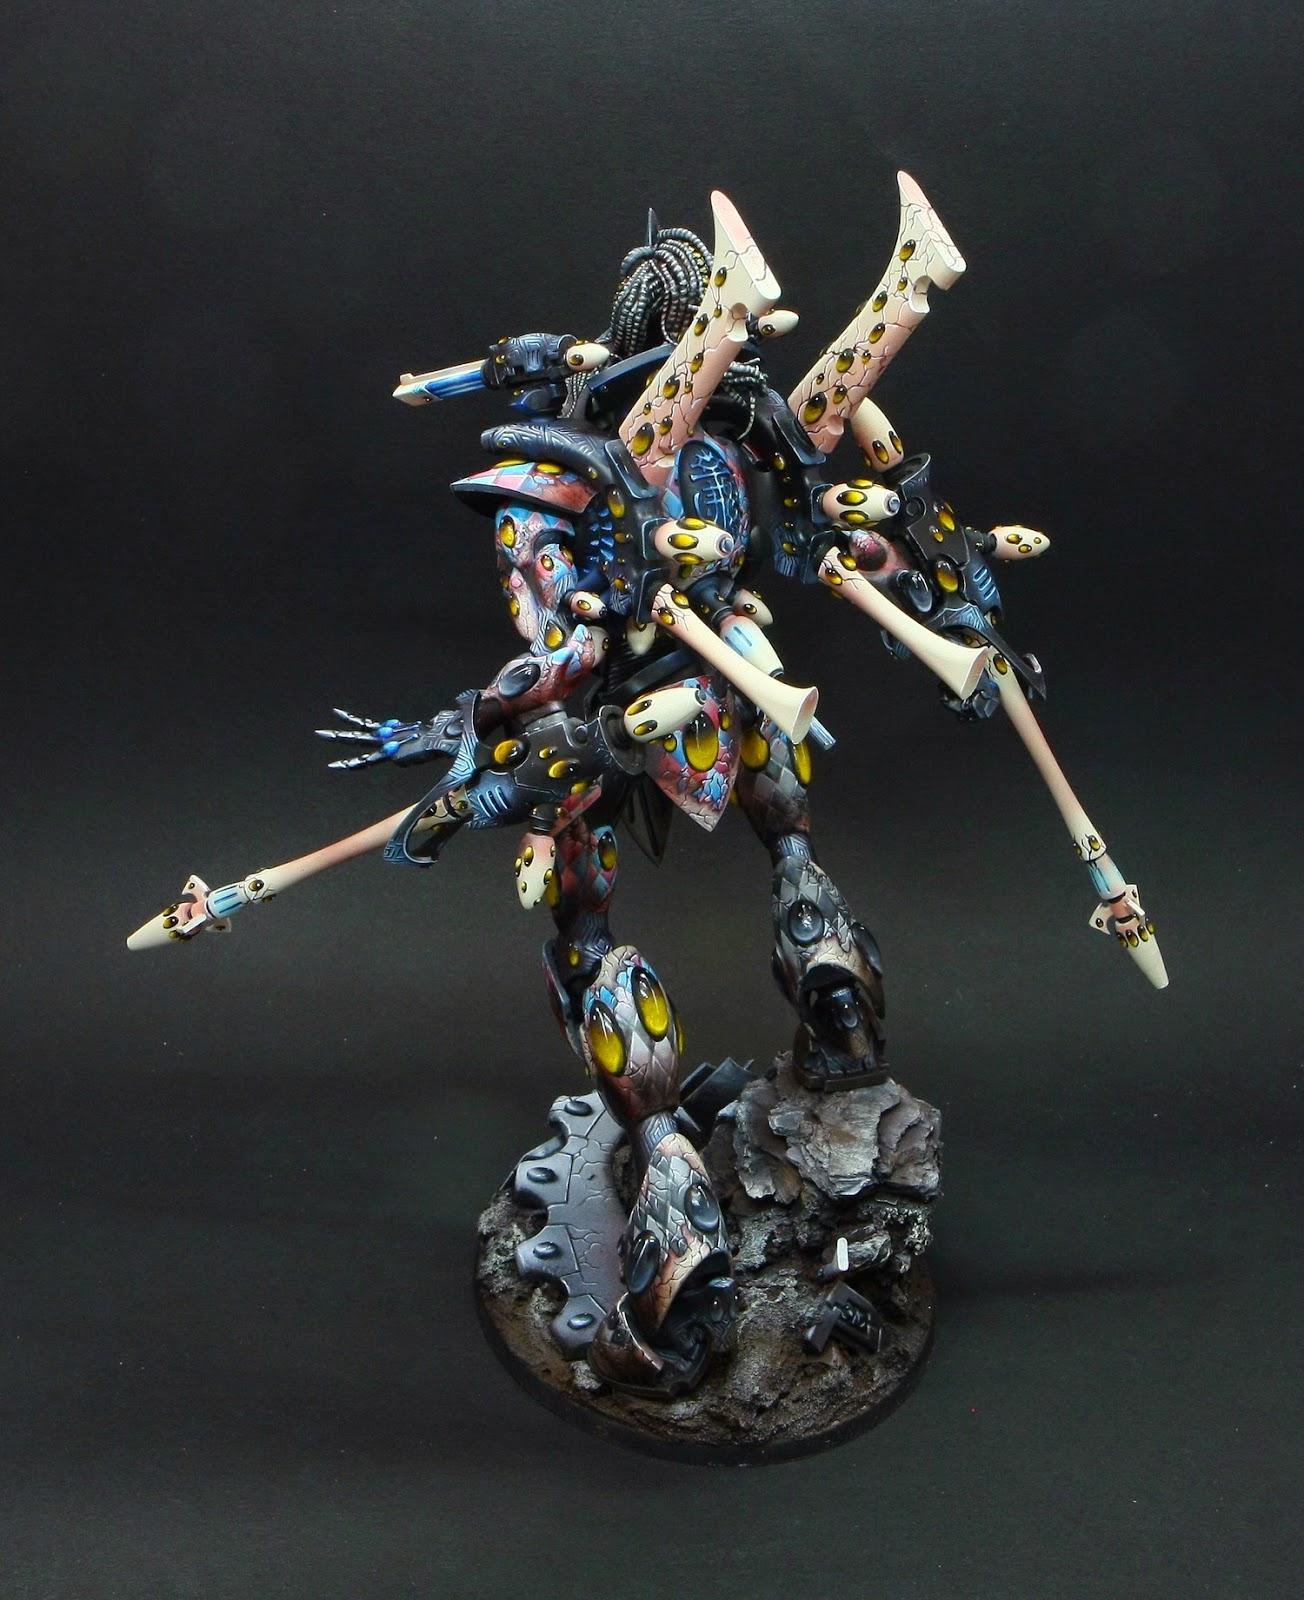 Eldar, Harlequins, Warhammer 40,000, Wraithknight